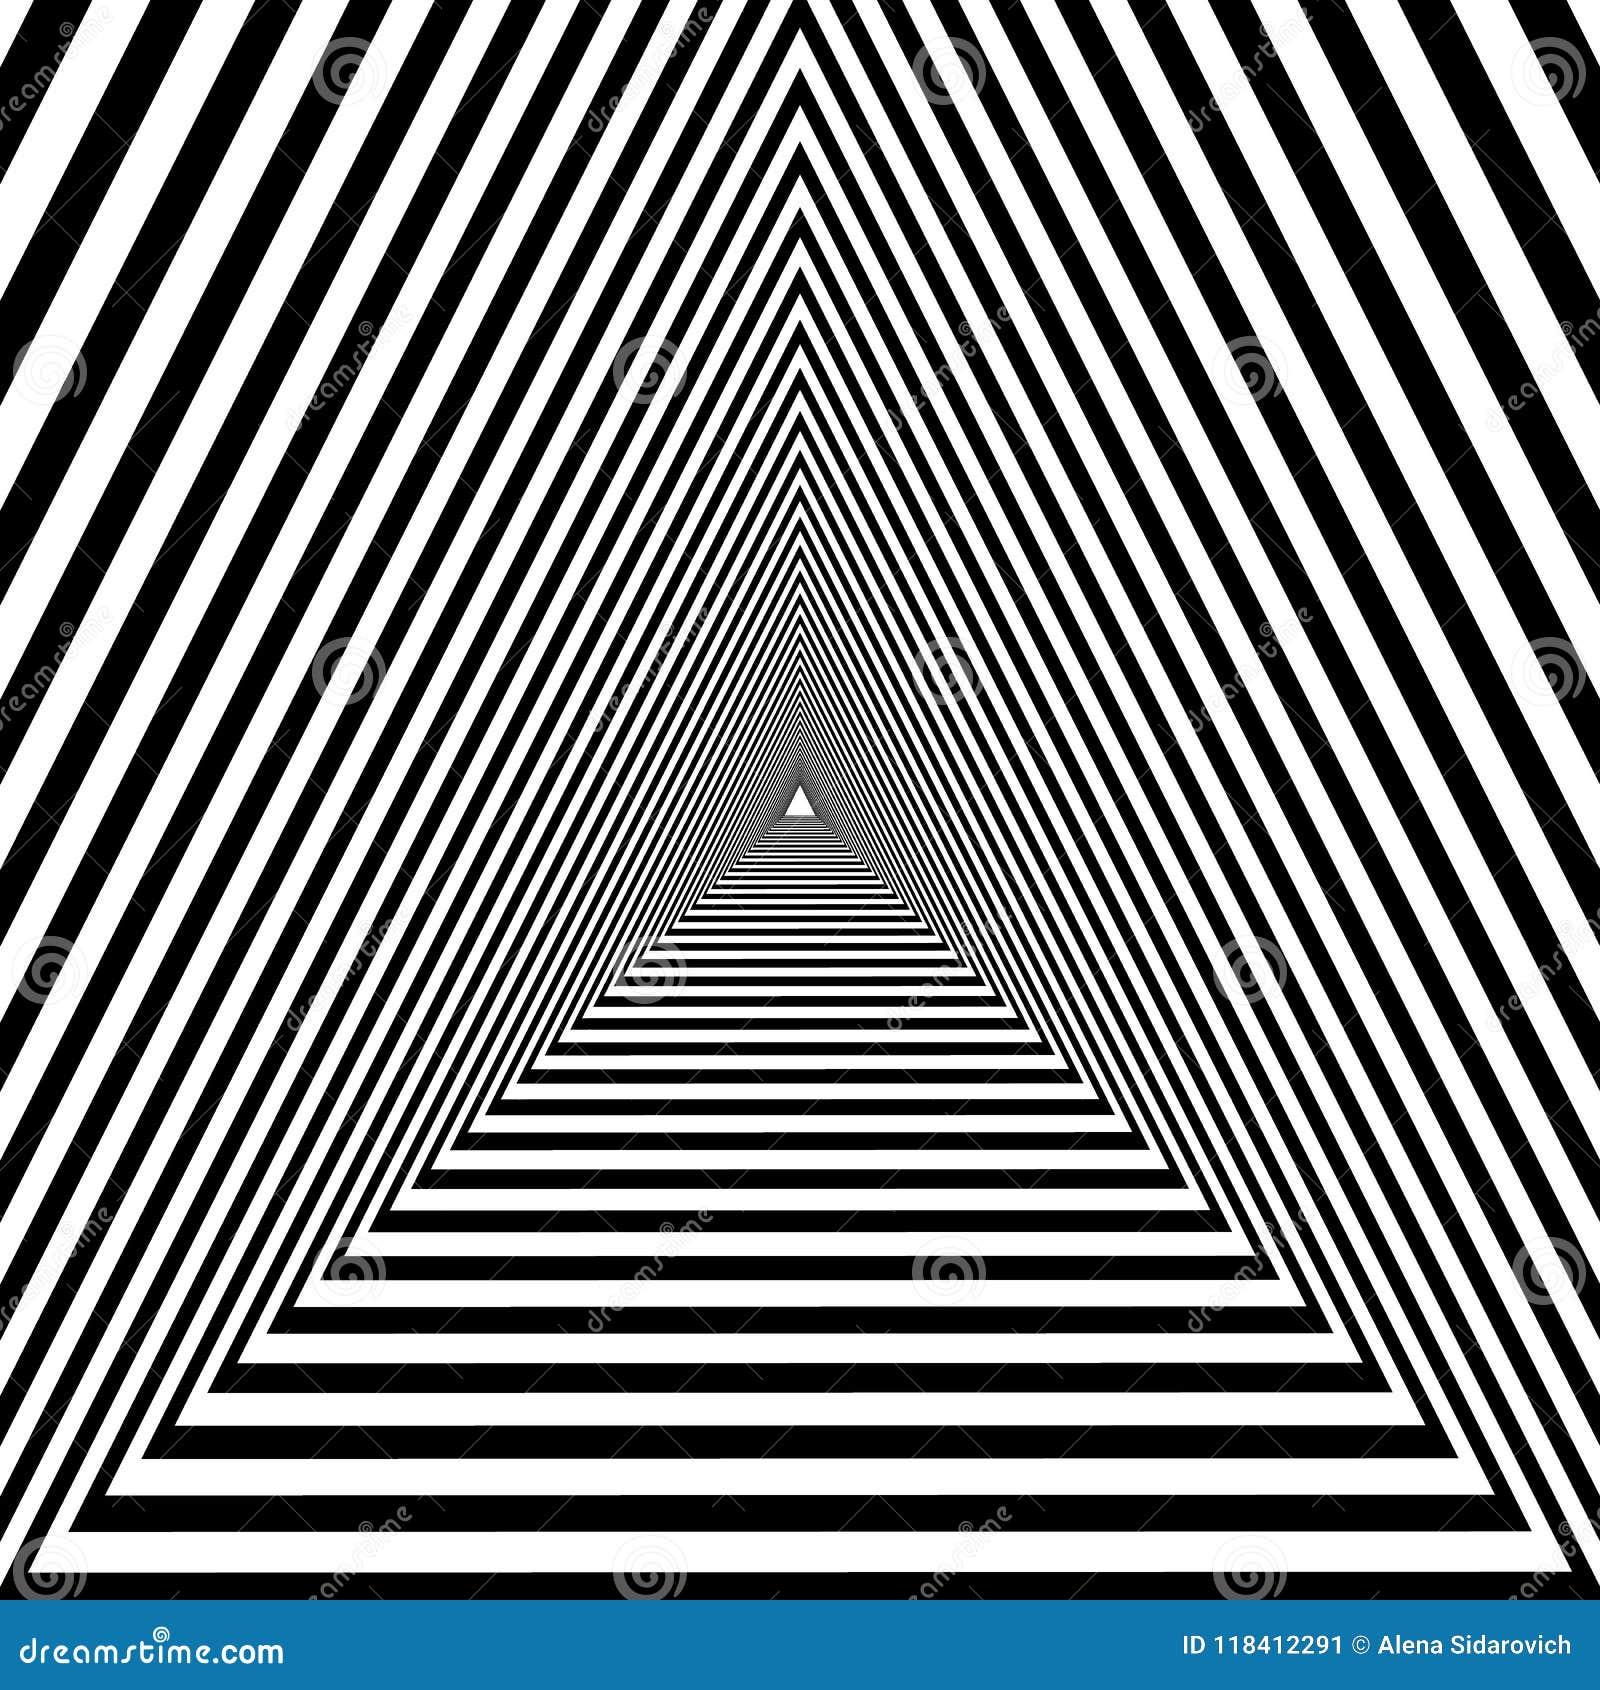 Túnel triangular, óptico psicodélico geométrico blanco y negro